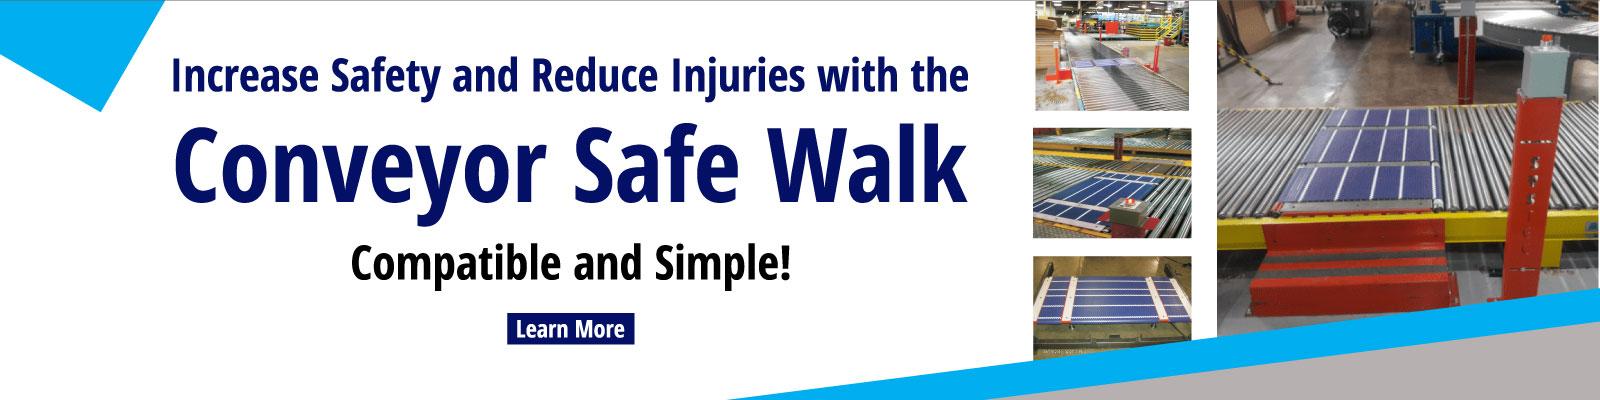 Feb. Safewalk